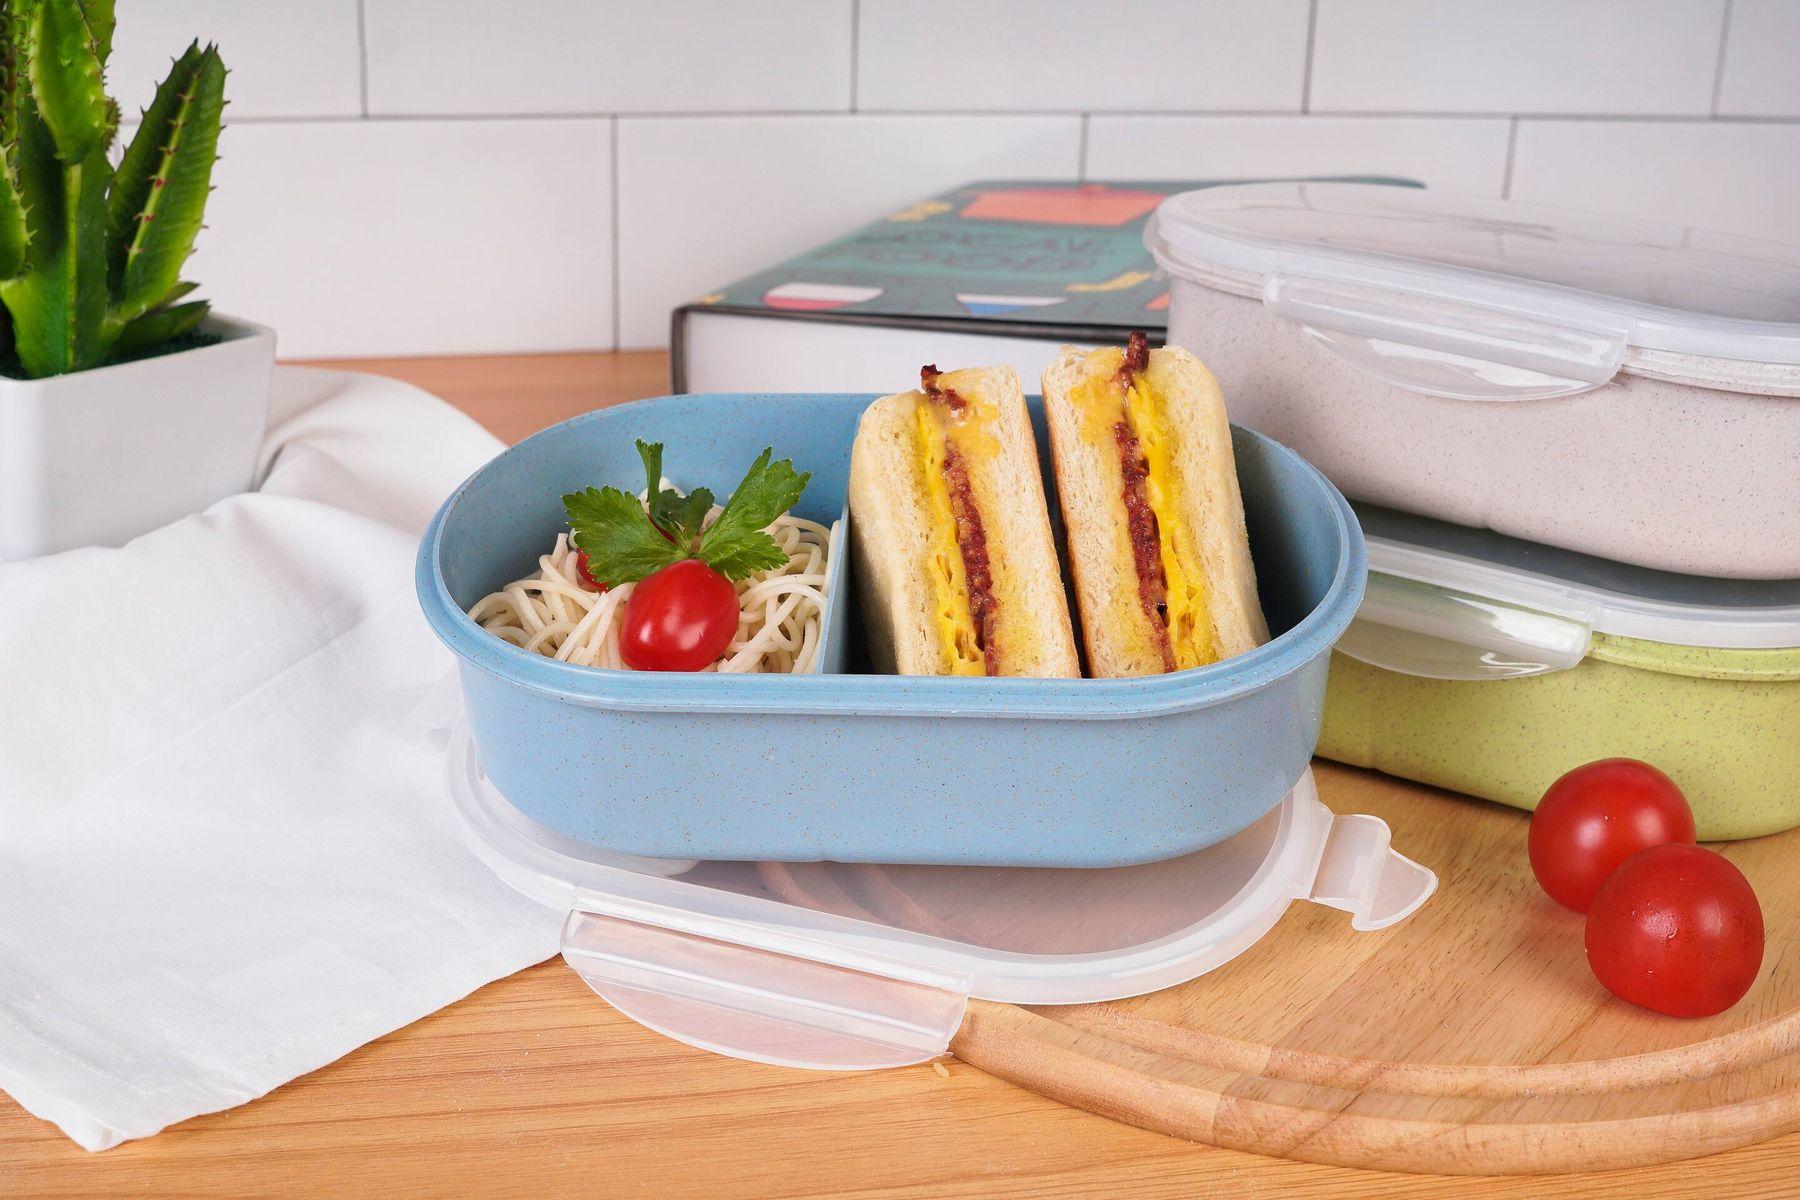 chọn hộp nhựa đựng thực phẩm có nắp nhựa